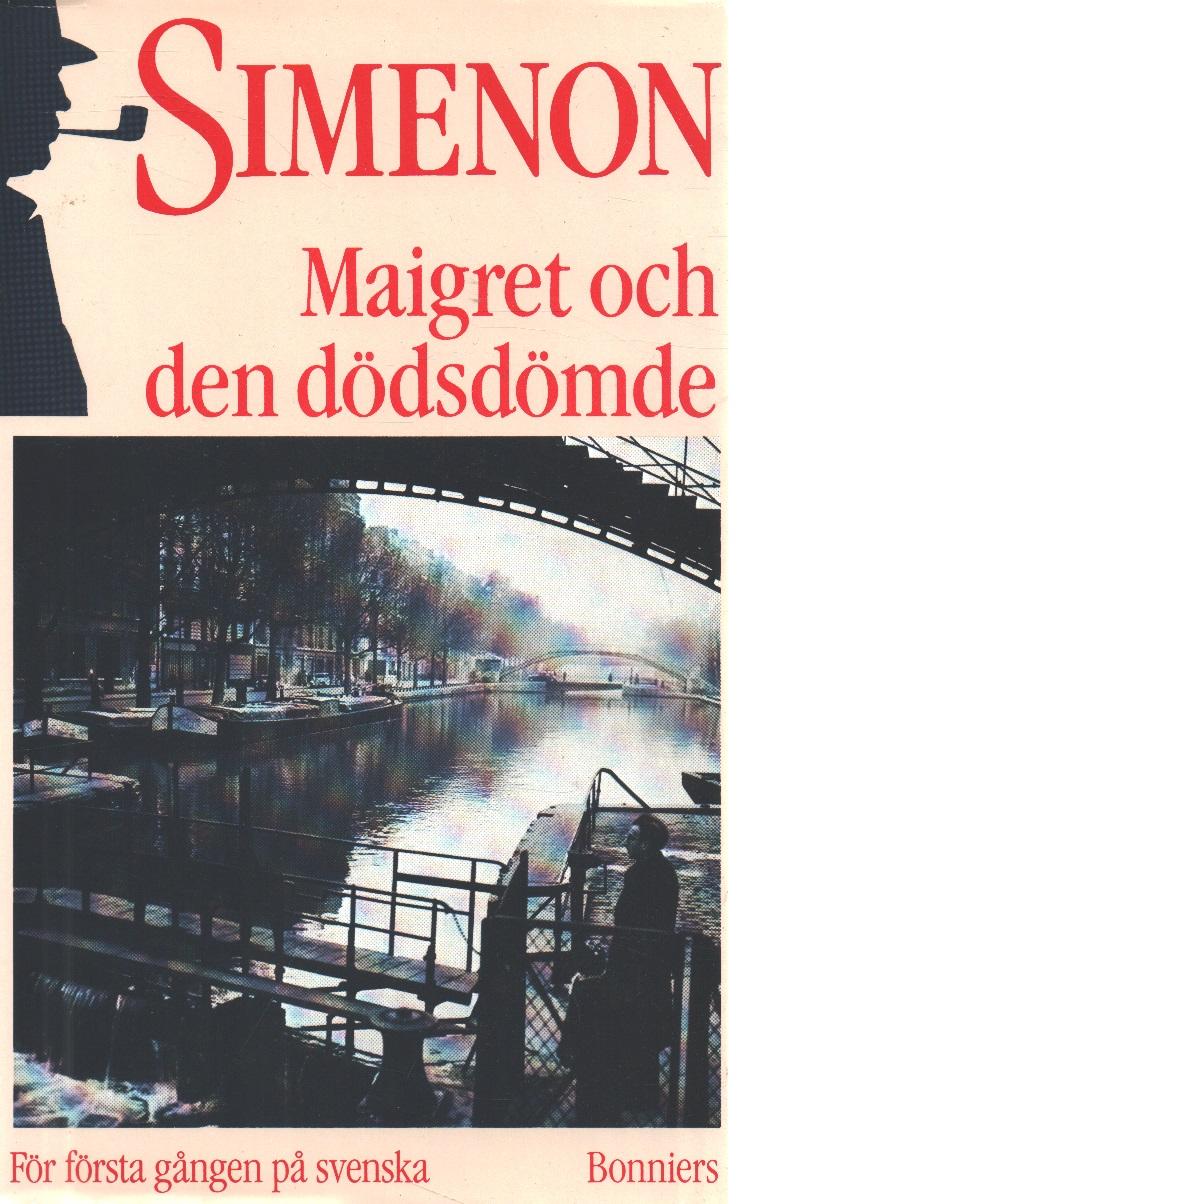 Maigret och den dödsdömde - Simenon, Georges